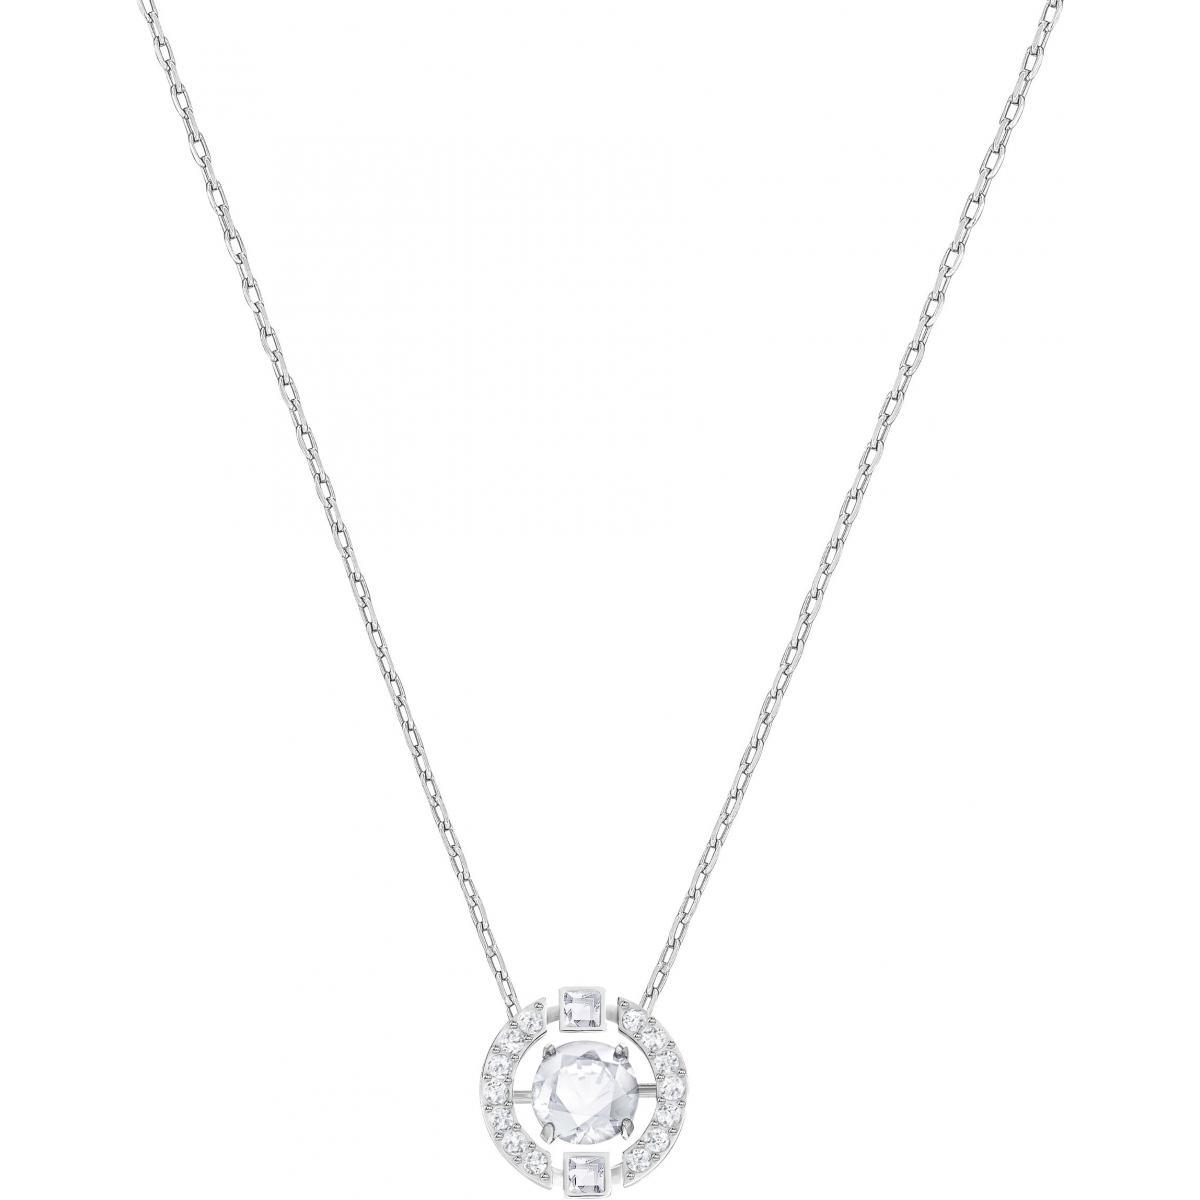 Collier et pendentif Swarovski 5286137 - Collier et pendentif Acier Cristal  Argenté Femme